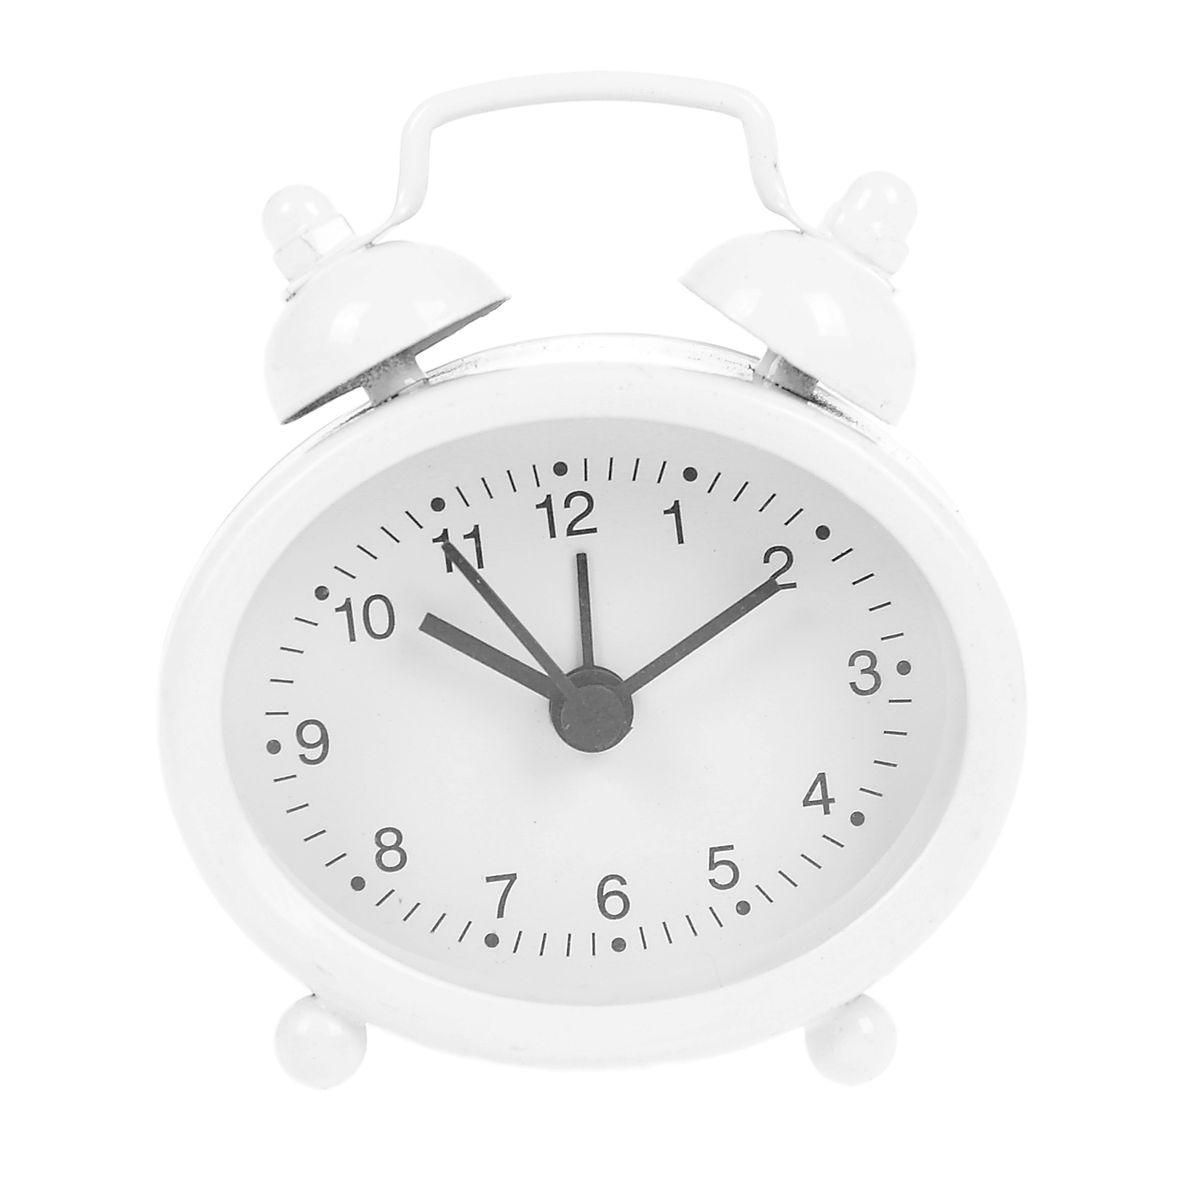 Часы-будильник Sima-land, цвет: белый. 840948840948Как же сложно иногда вставать вовремя! Всегда так хочется поспать еще хотя бы 5 минут и бывает, что мы просыпаем. Теперь этого не случится! Яркий, оригинальный будильник Sima-land поможет вам всегда вставать в нужное время и успевать везде и всюду. Будильник украсит вашу комнату и приведет в восхищение друзей. Эта уменьшенная версия привычного будильника умещается на ладони и работает так же громко, как и привычные аналоги. Время показывает точно и будит в установленный час.На задней панели будильника расположены переключатель включения/выключения механизма, а также два колесика для настройки текущего времени и времени звонка будильника.Будильник работает от 1 батарейки типа LR44 (входит в комплект).